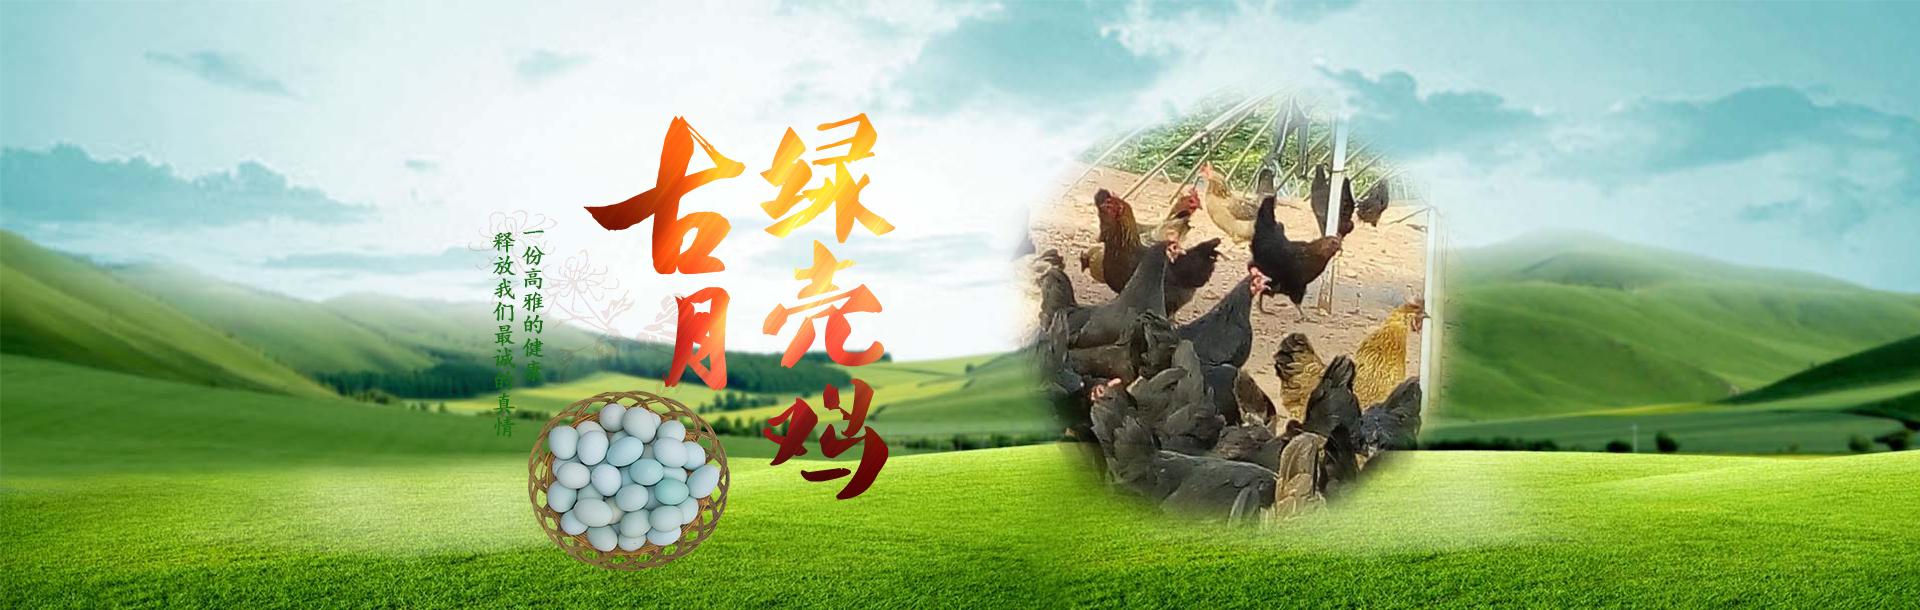 绿壳鸡鸡蛋